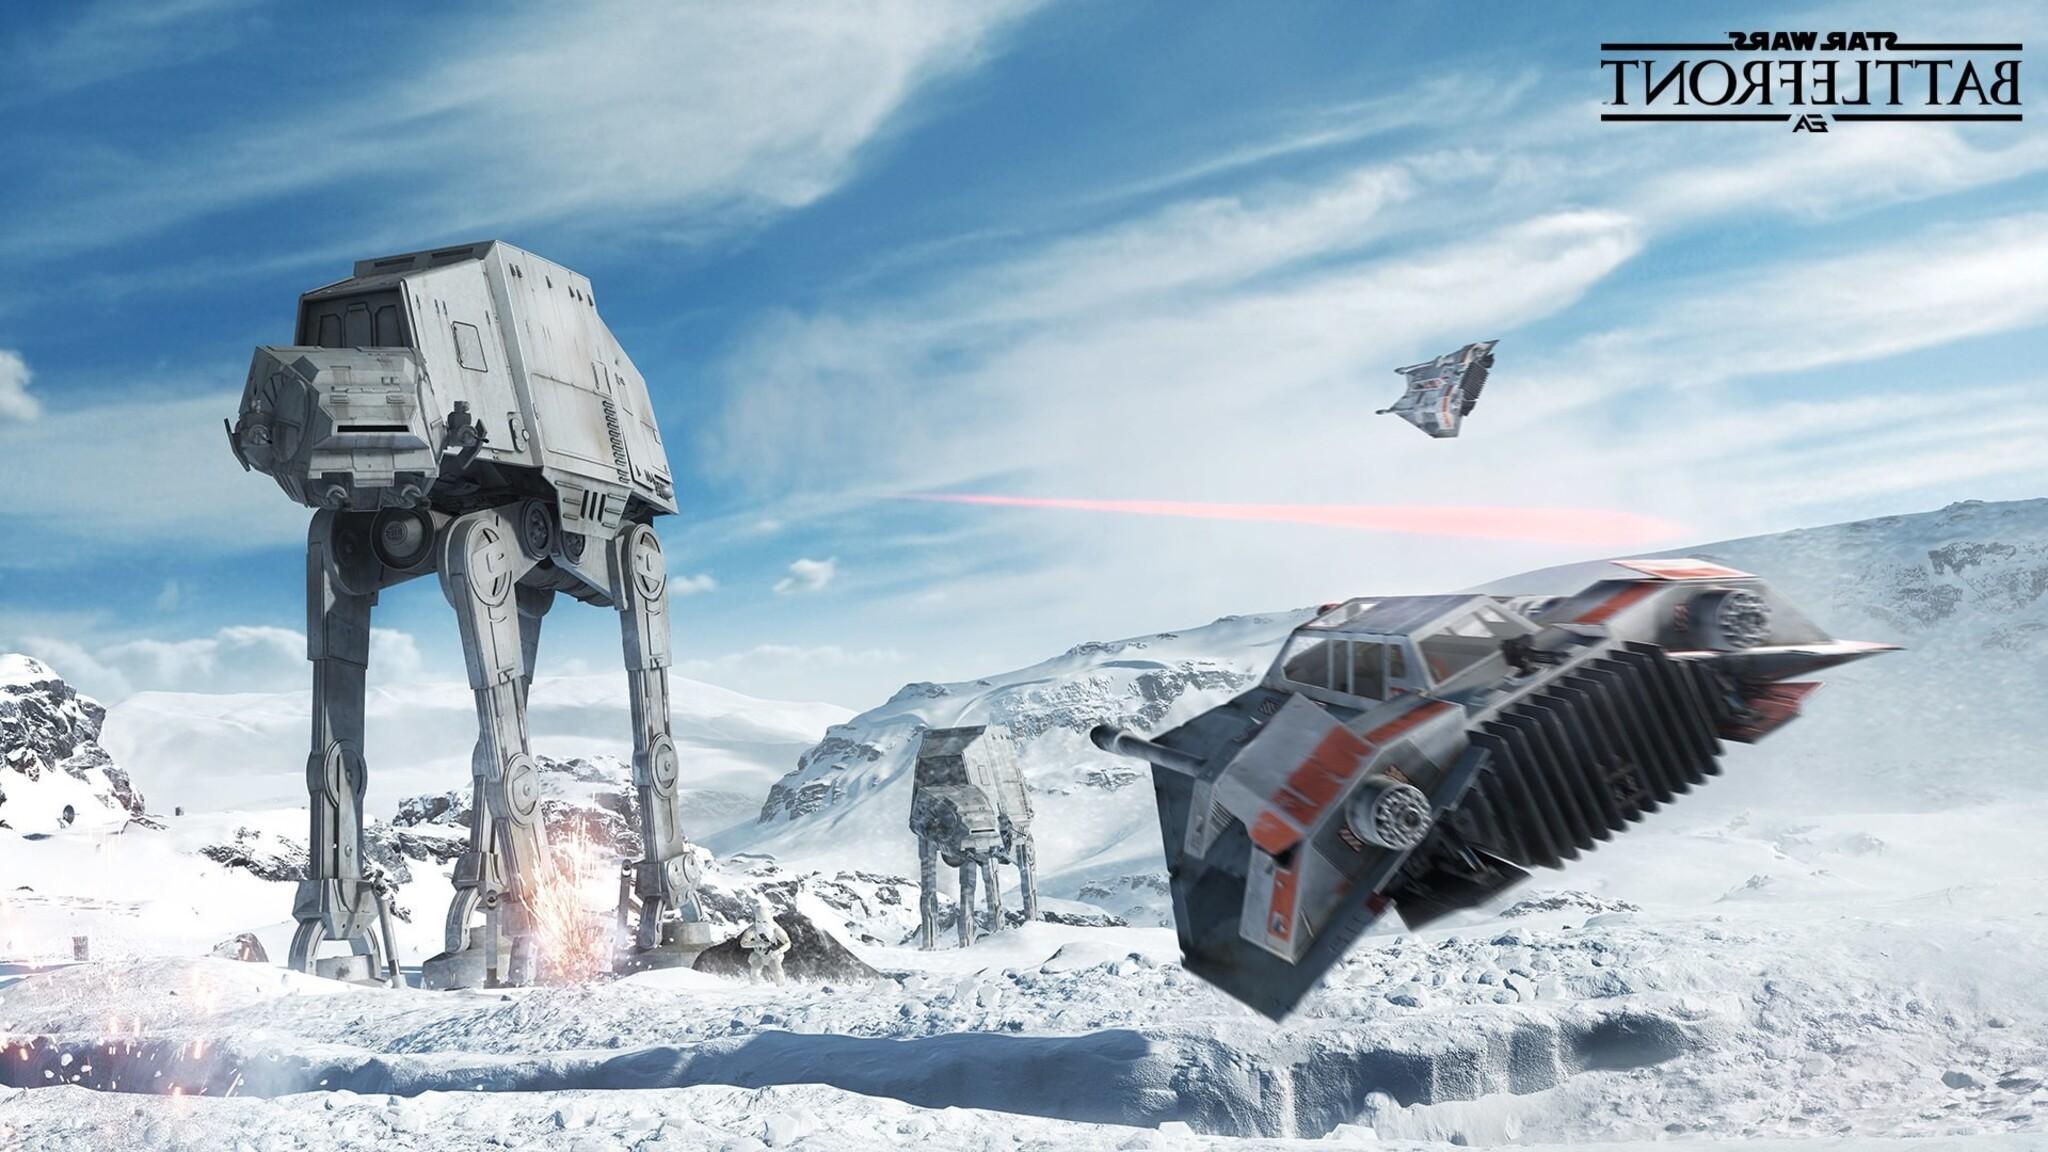 2048x1152 Star Wars Battlefront Art 2048x1152 Resolution